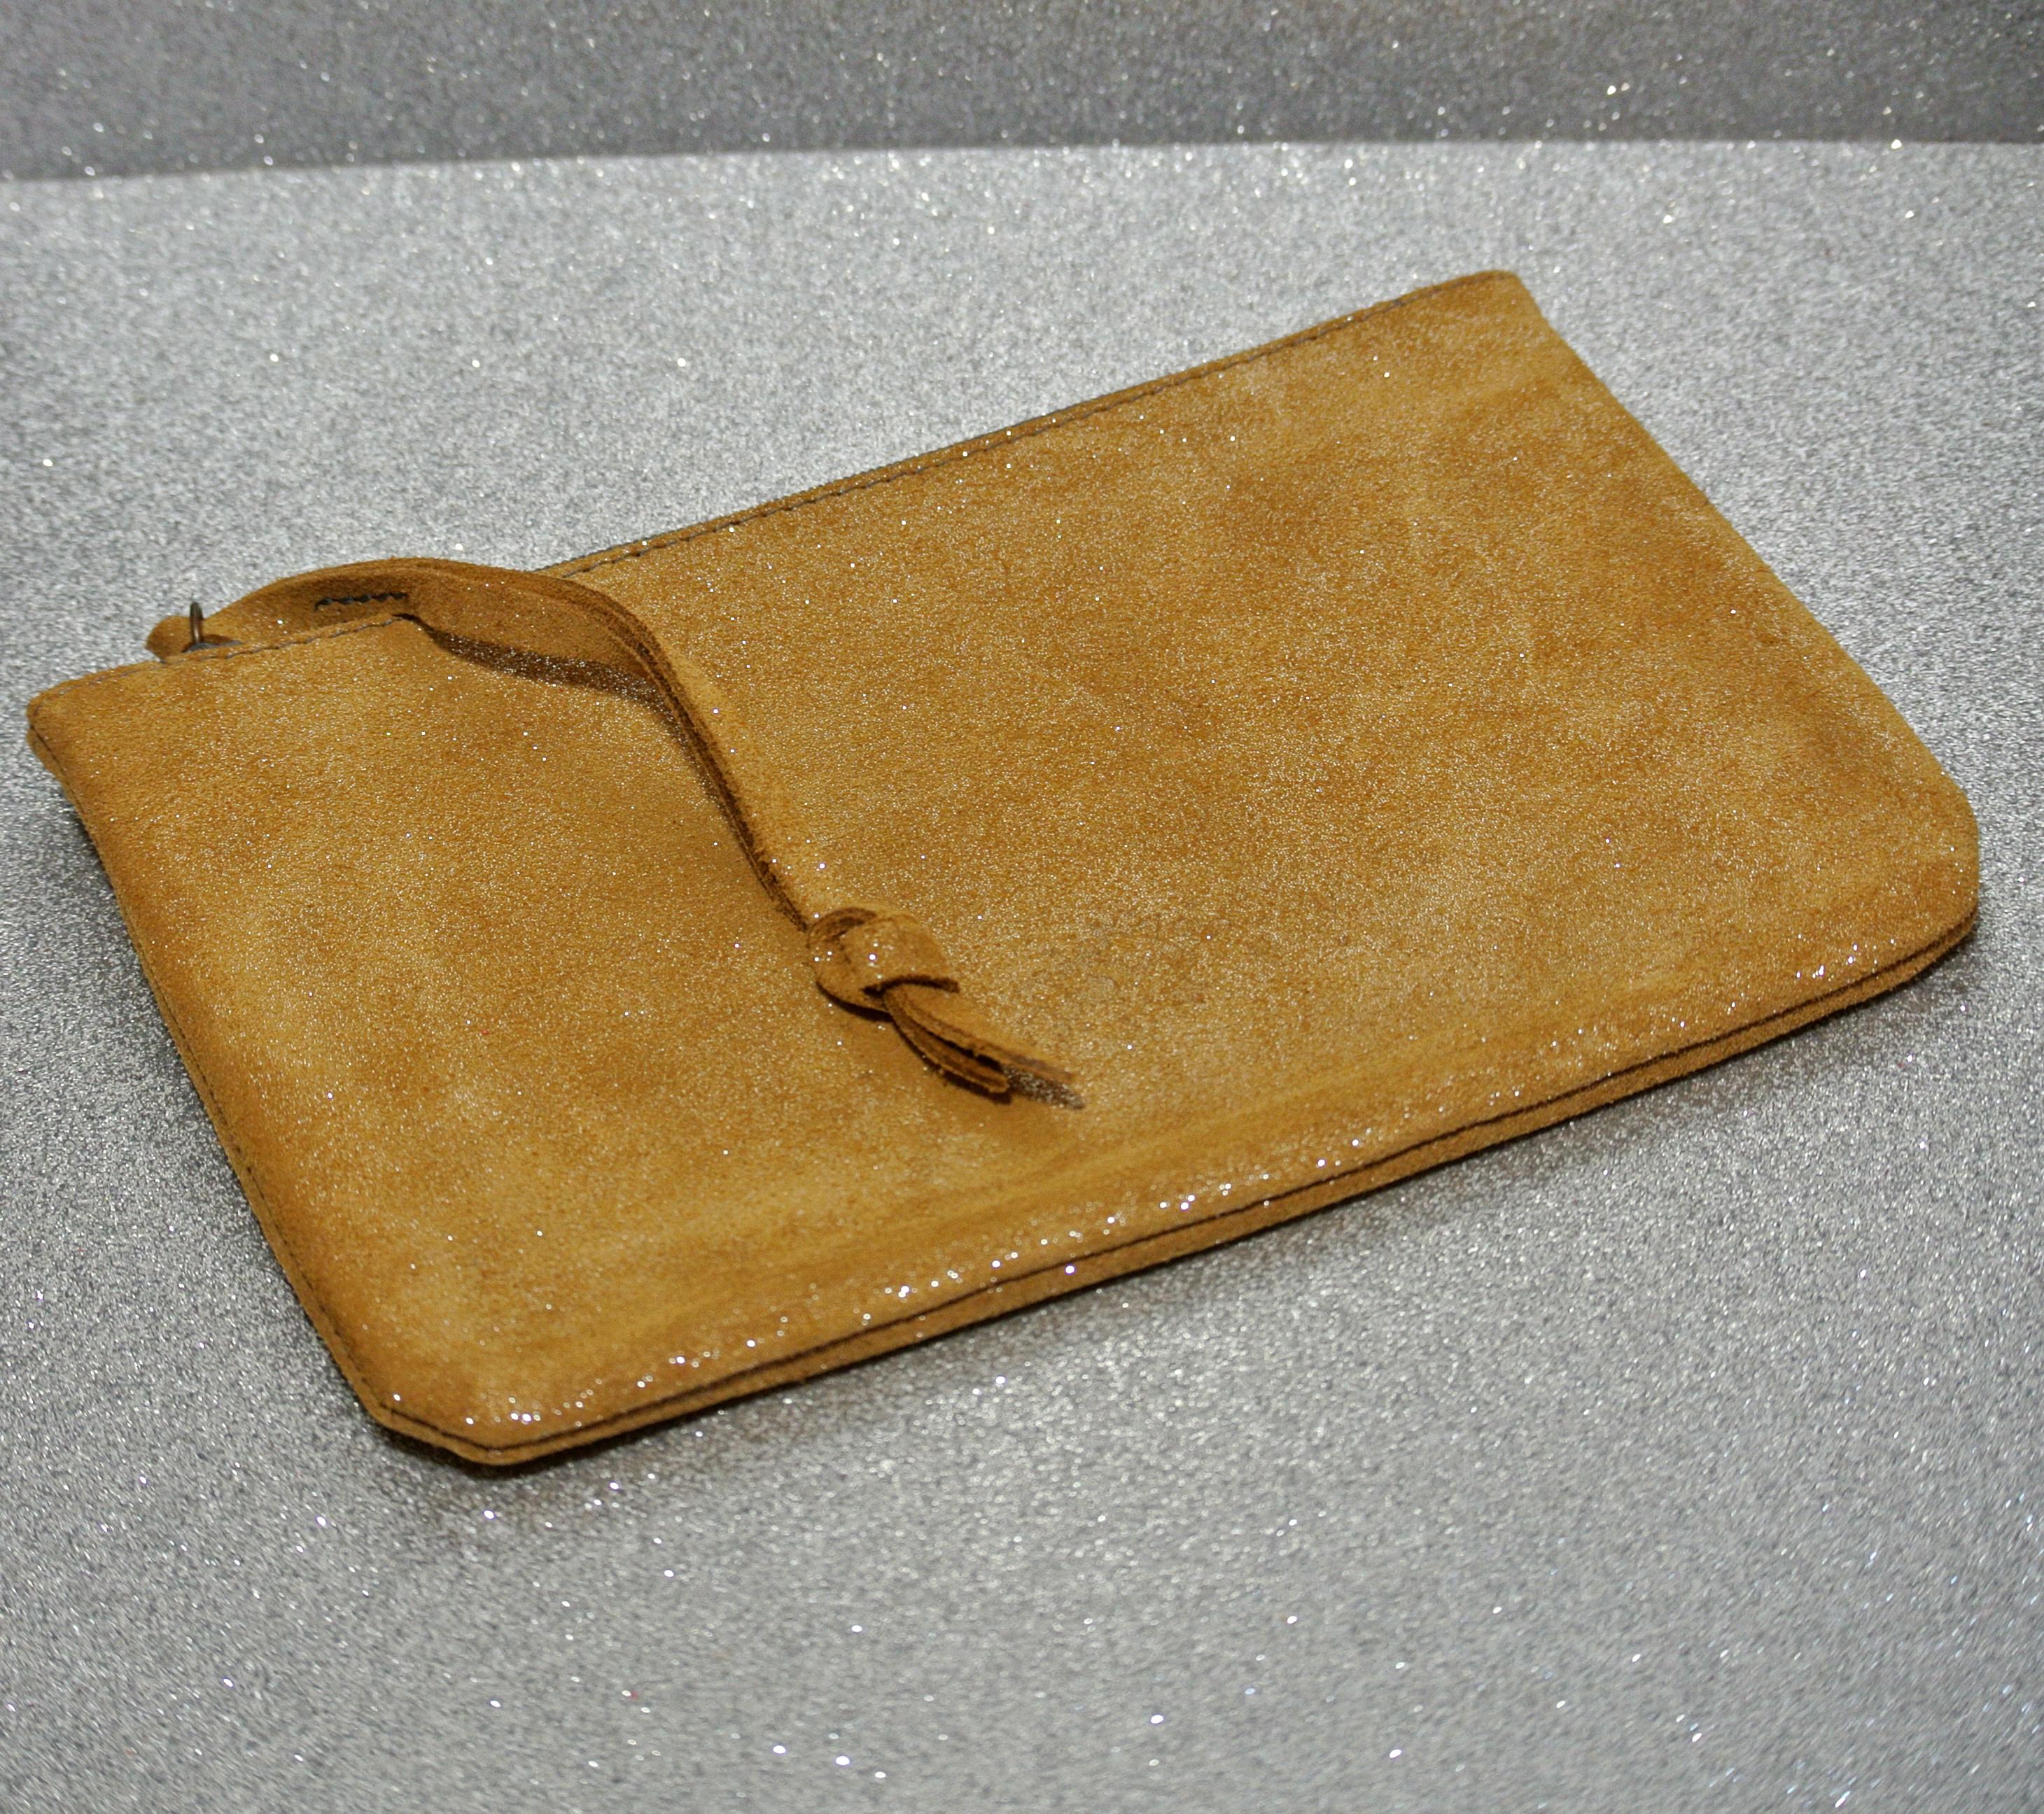 Mini dragonniere en cuir pailleté, petite pochette en cuir, en cuir, en cuir pailleté, made in france, la Cartablière